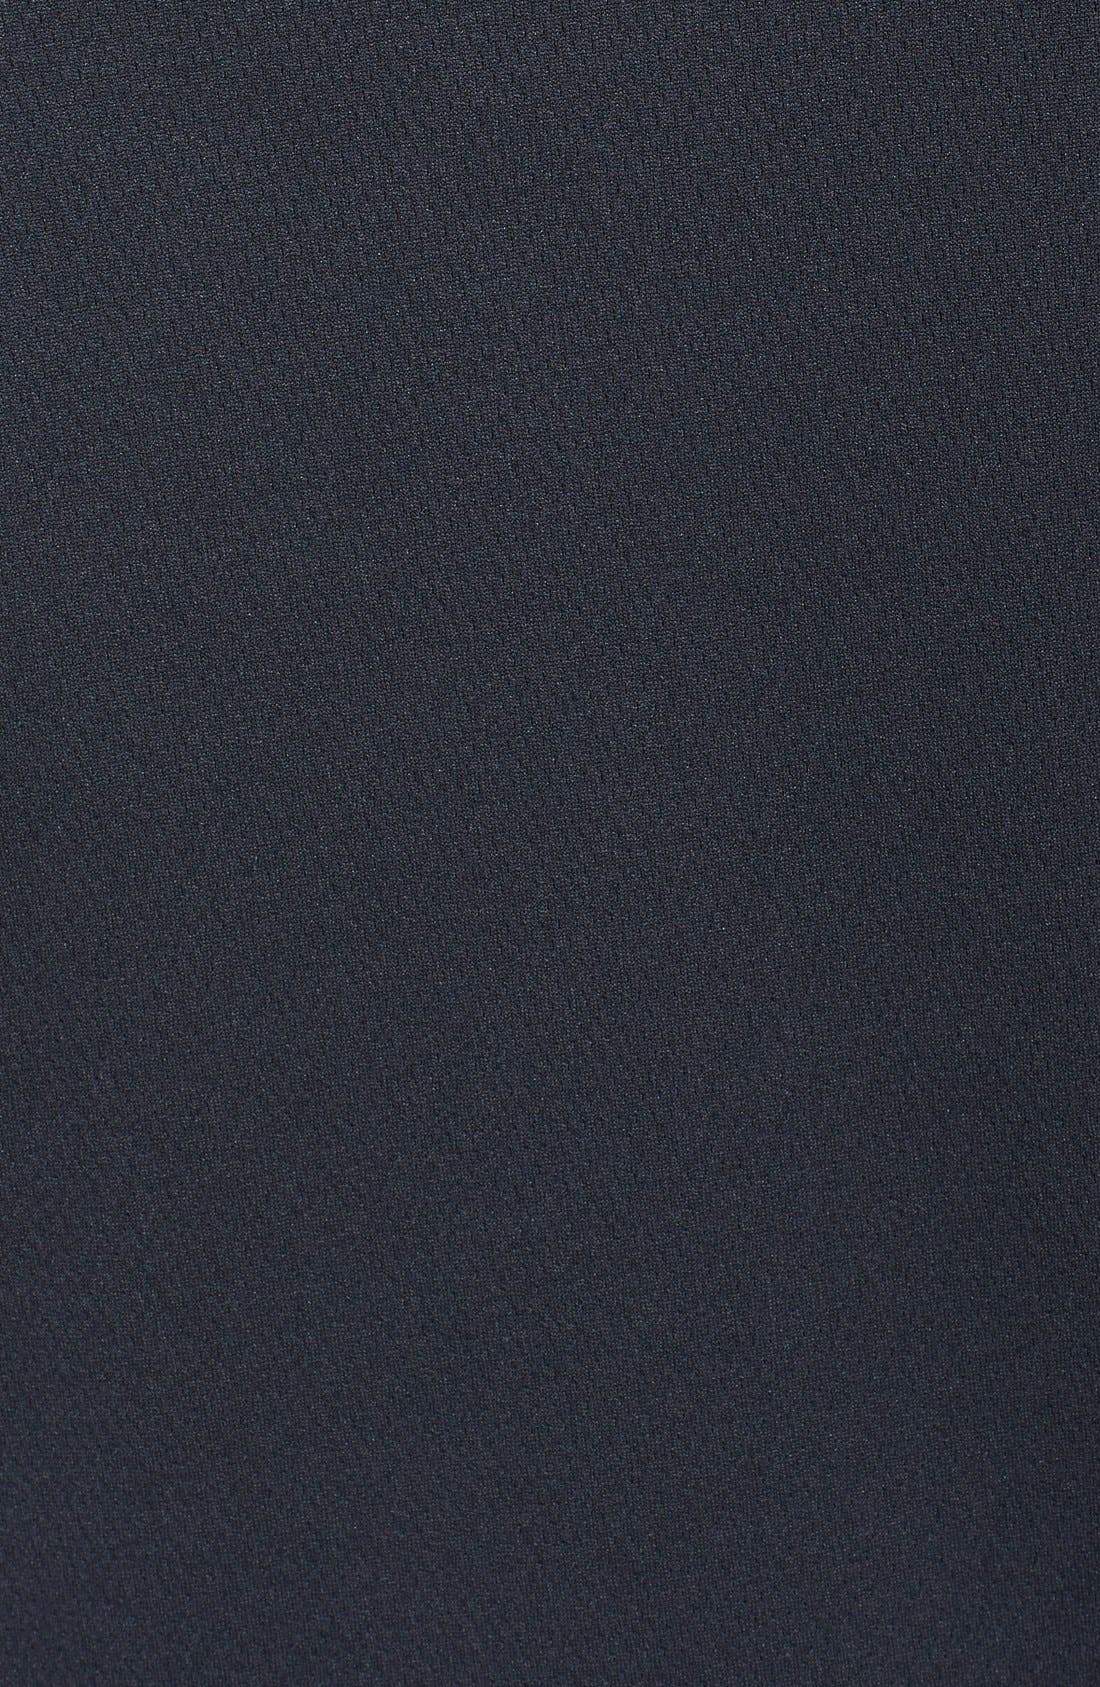 Philadelphia Eagles - Edge DryTec Moisture Wicking Half Zip Pullover,                             Alternate thumbnail 3, color,                             001